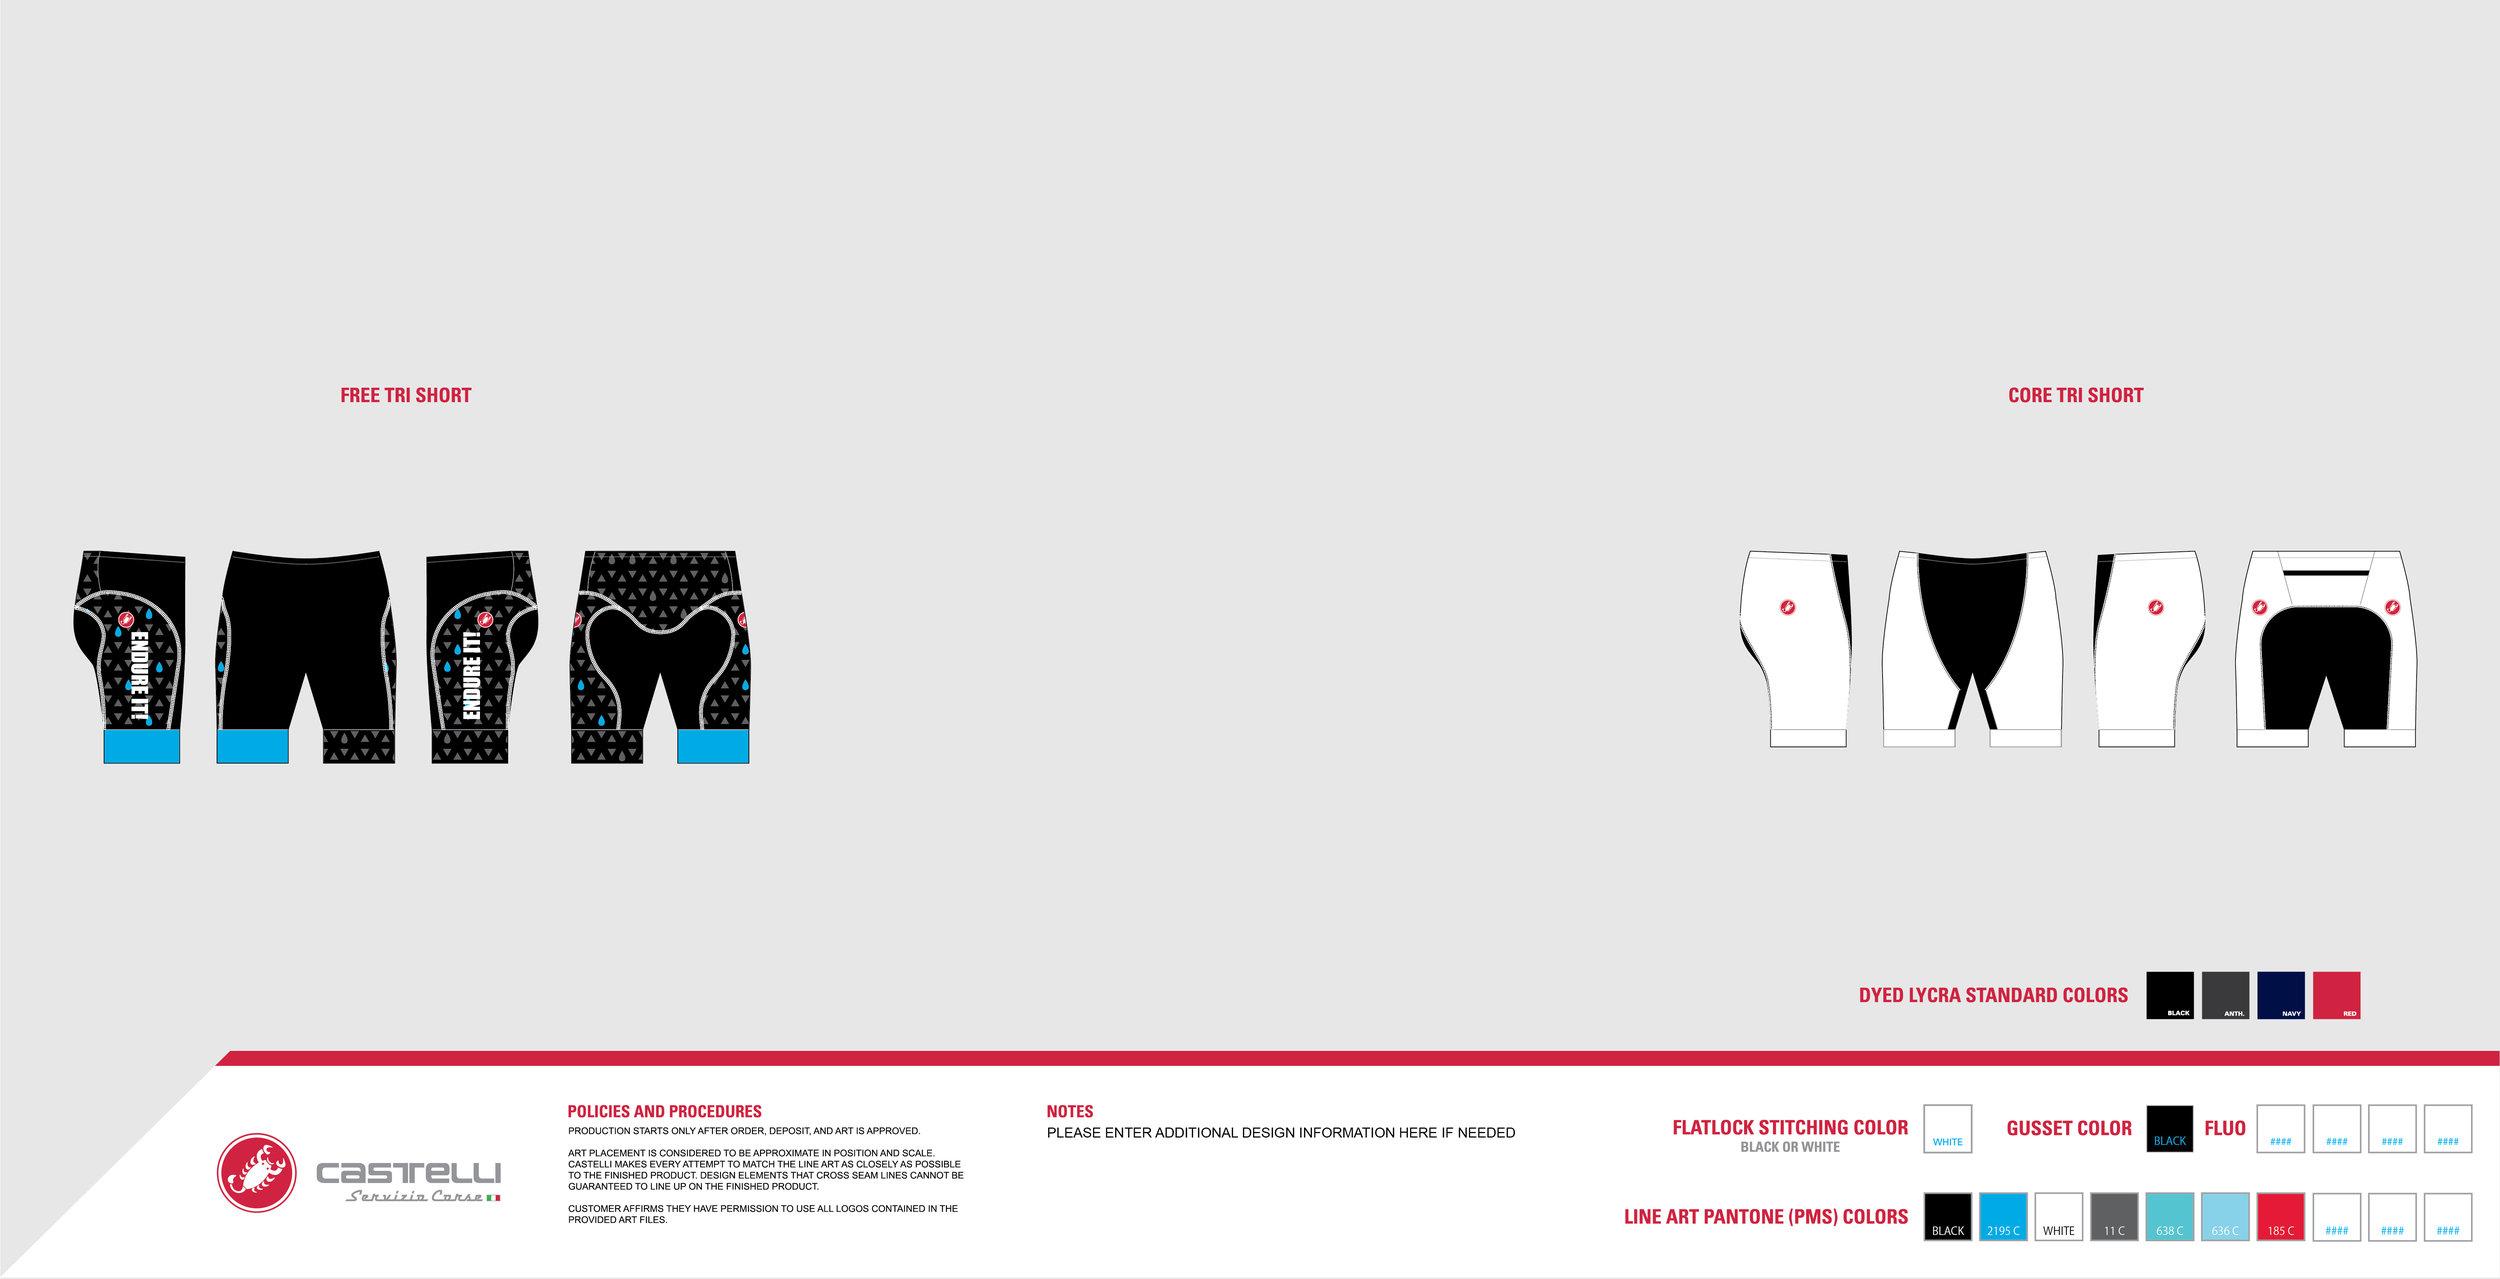 Endure_It_17.2_Tri_Shorts-01.jpg